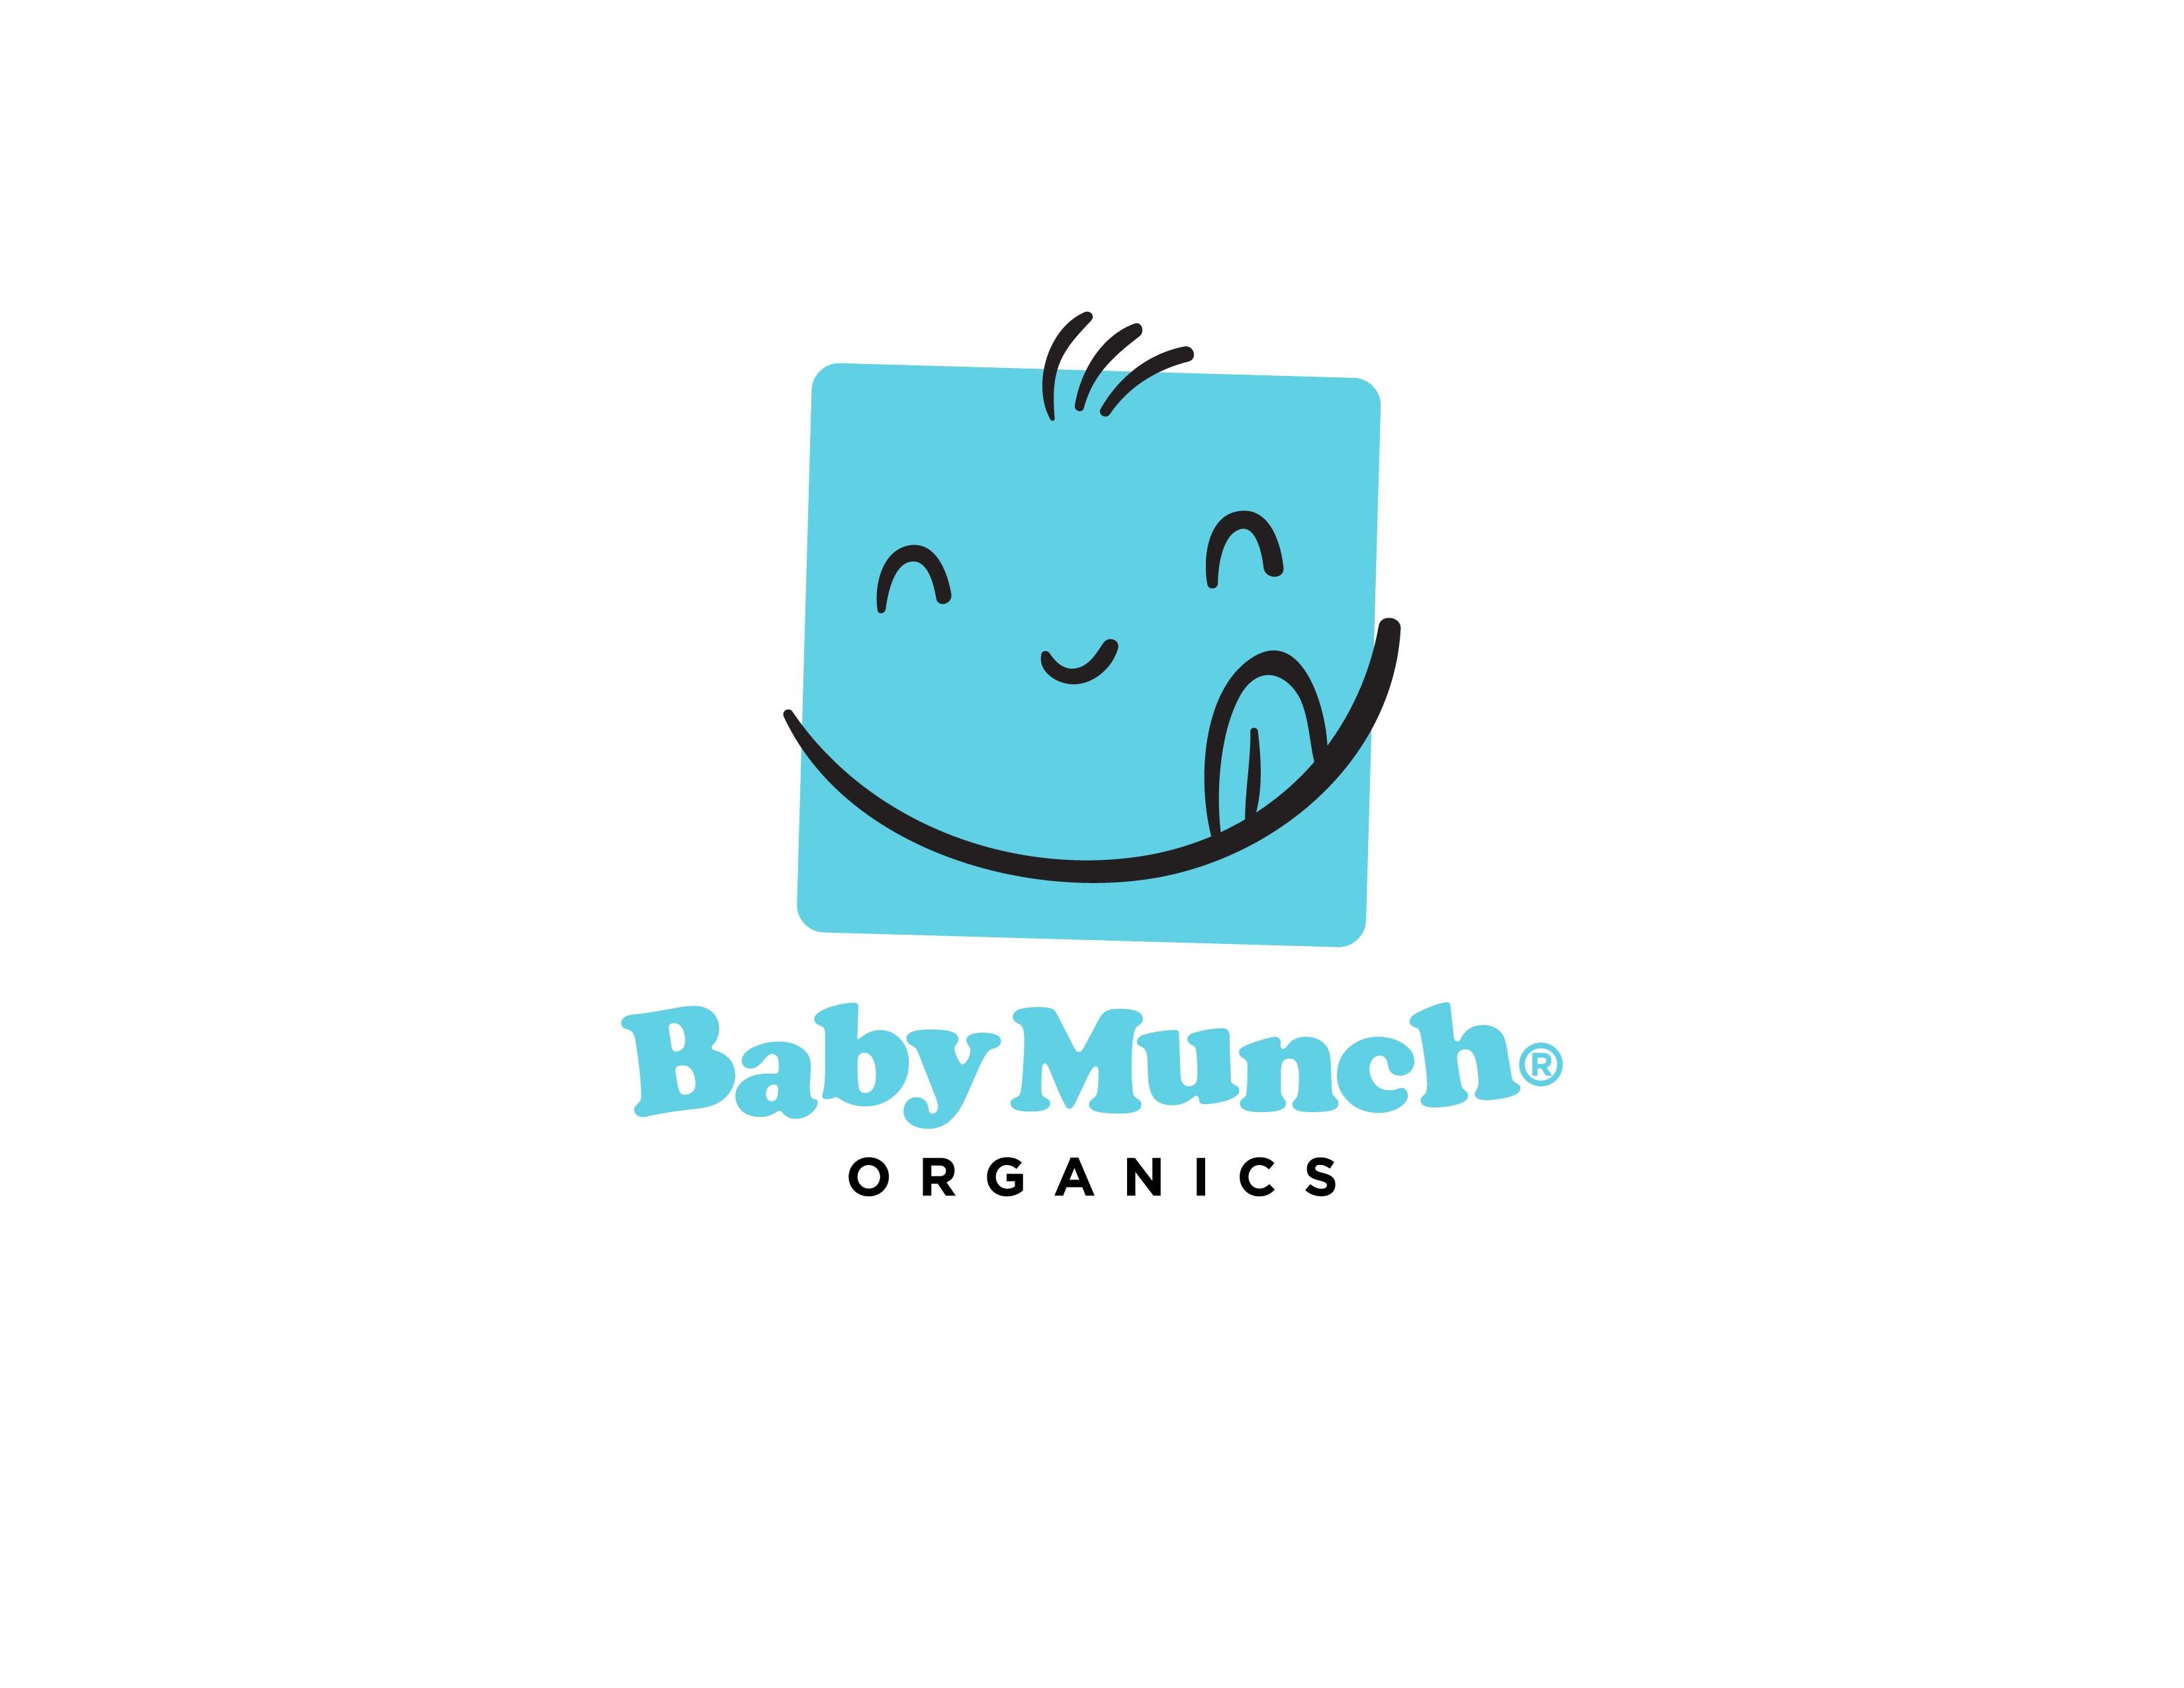 babymunch_logo-1